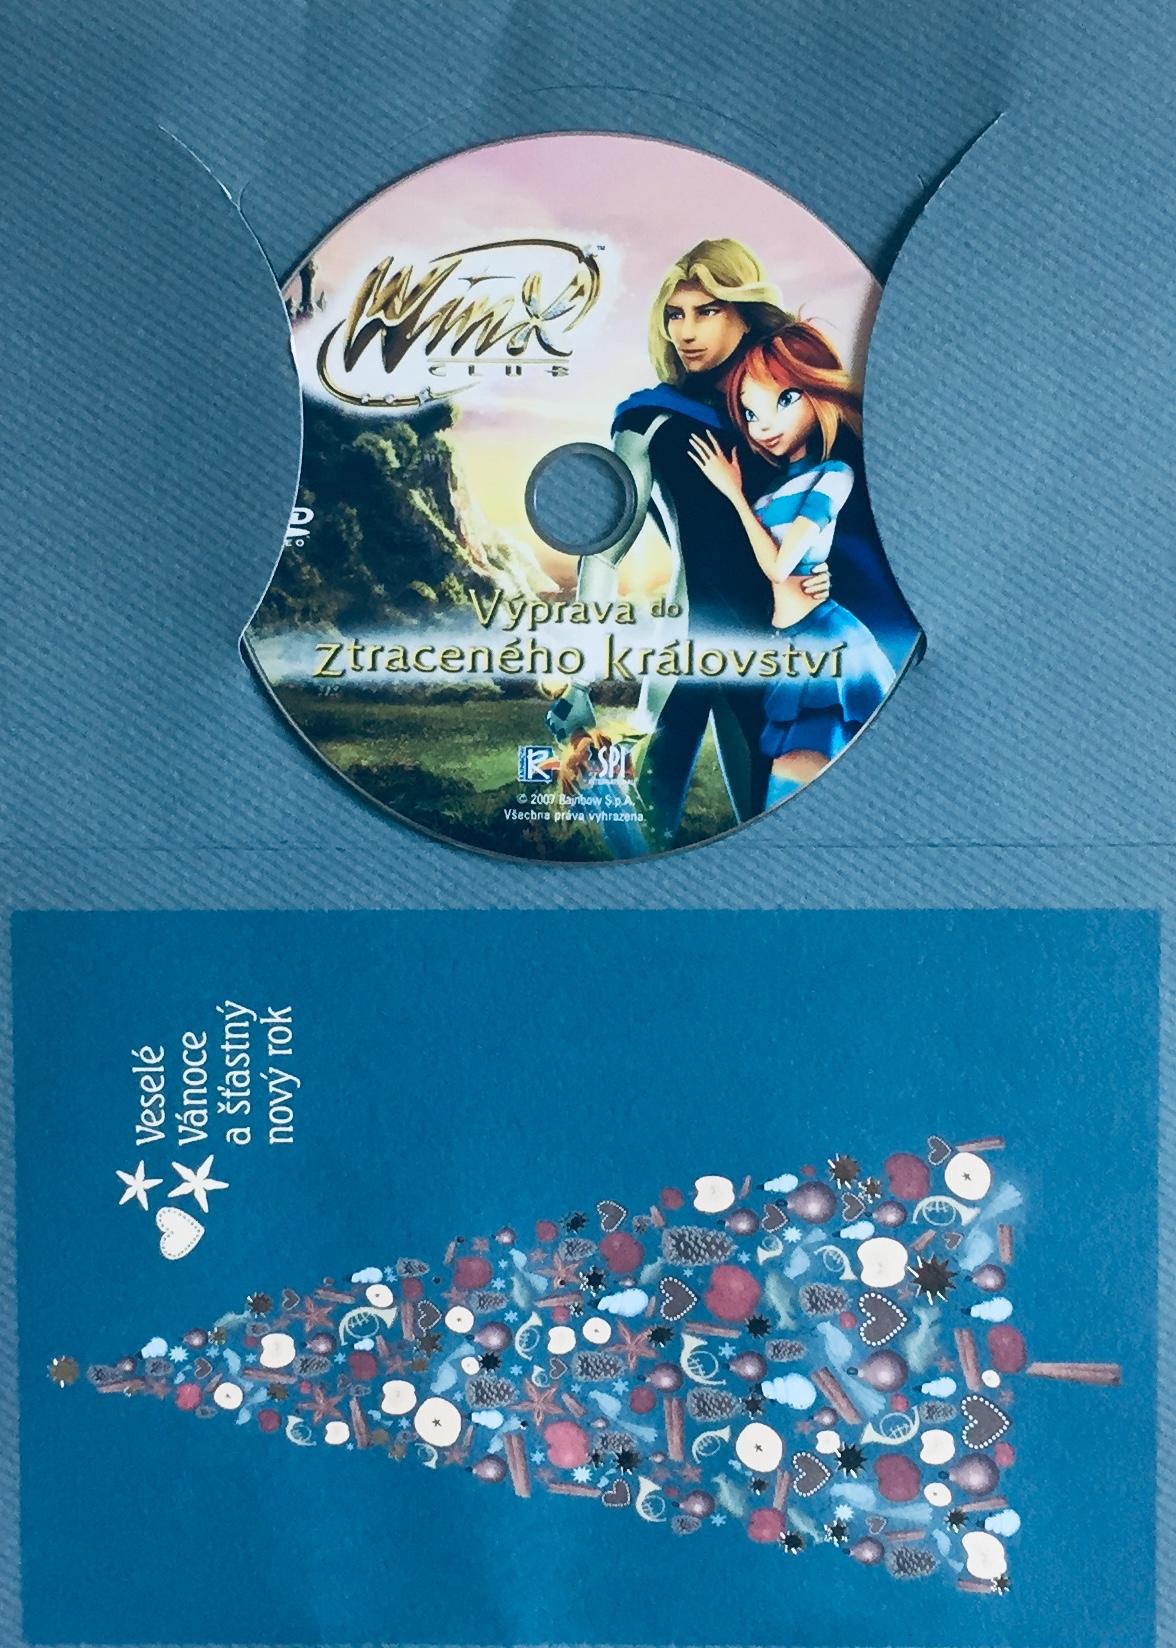 Winx Club - Výprava do Ztraceného království - DVD /dárkový obal/